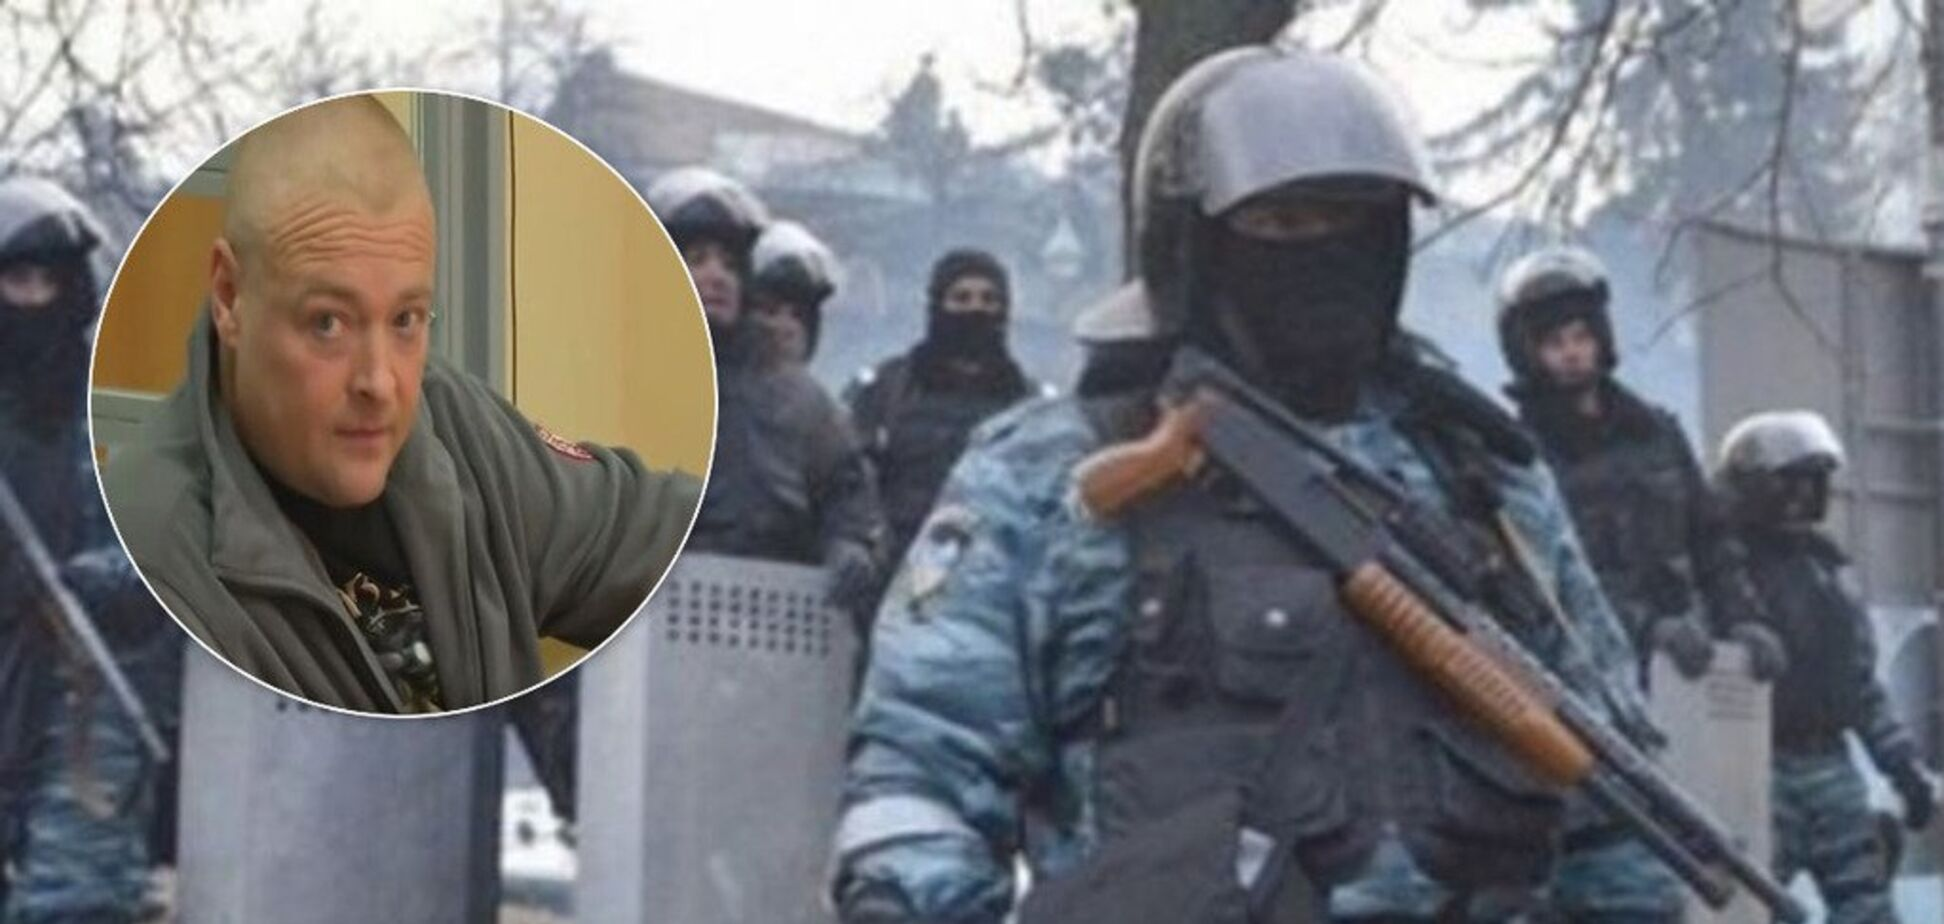 Командував 'Беркутом' на Майдані: в Україні відпустили підозрюваного командира